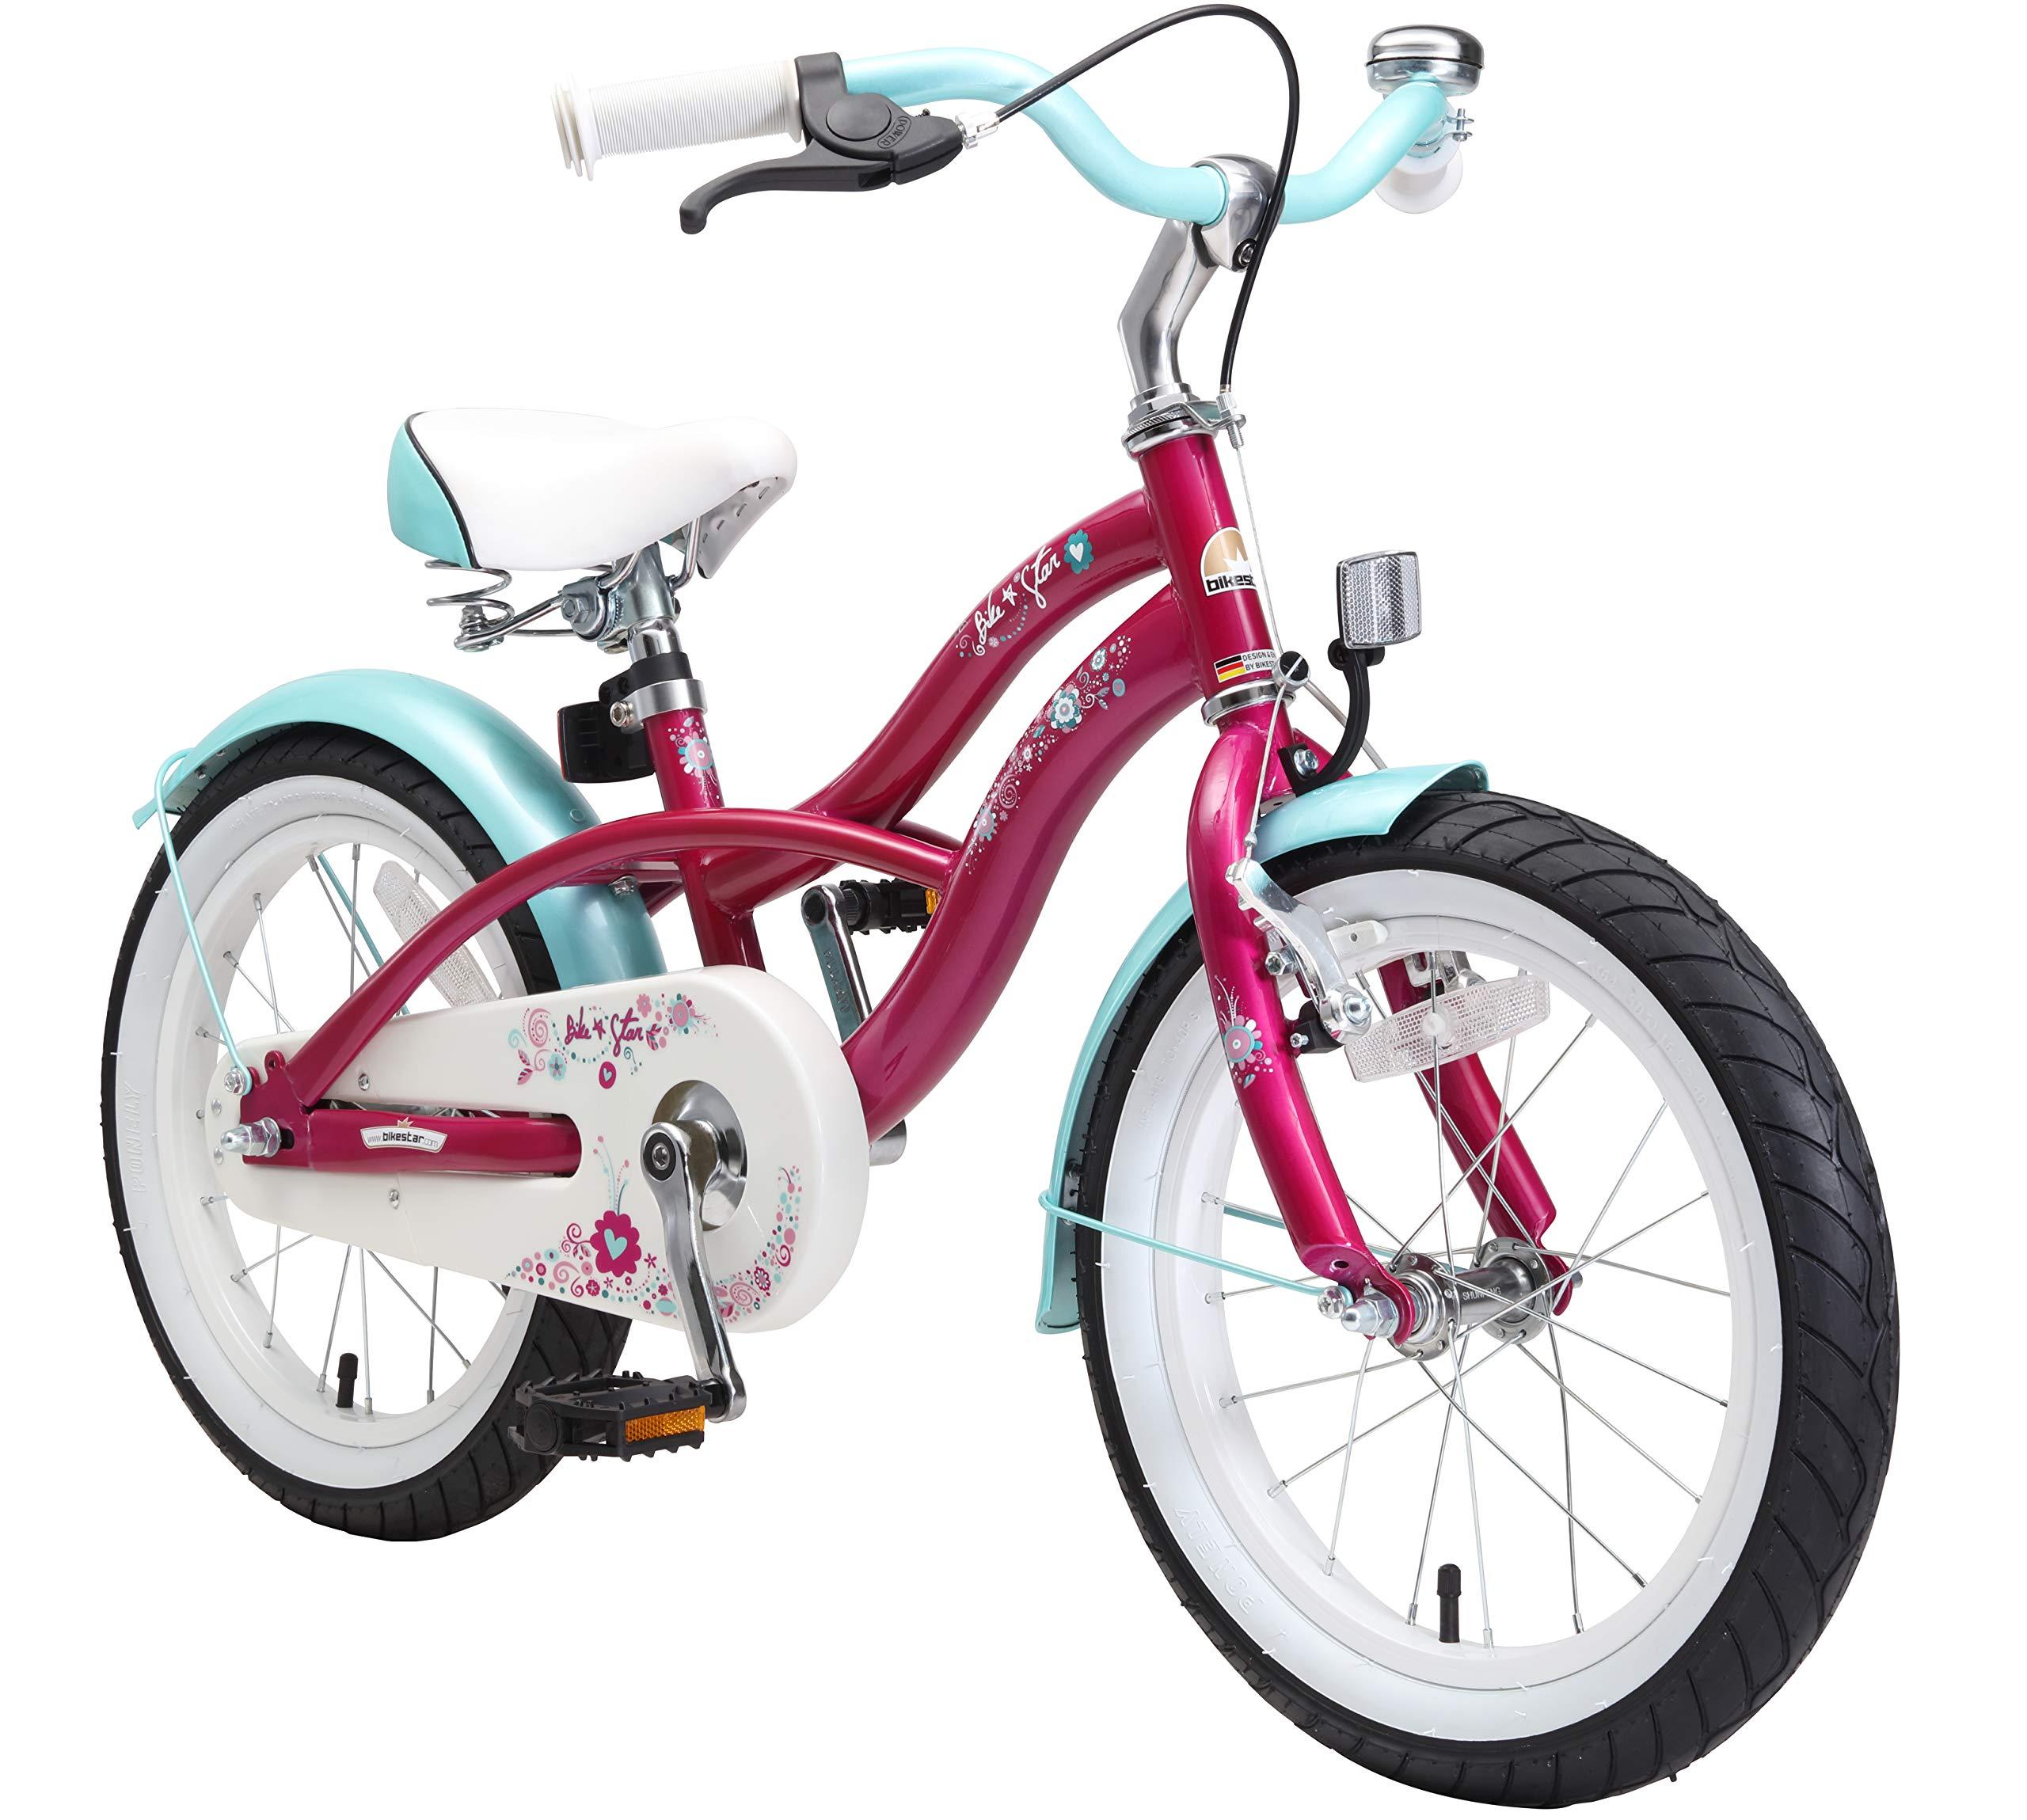 Bikestar   Bicicleta para niños y niñas 16 Pulgadas   Color Rosa   A Partir de 4 años   16